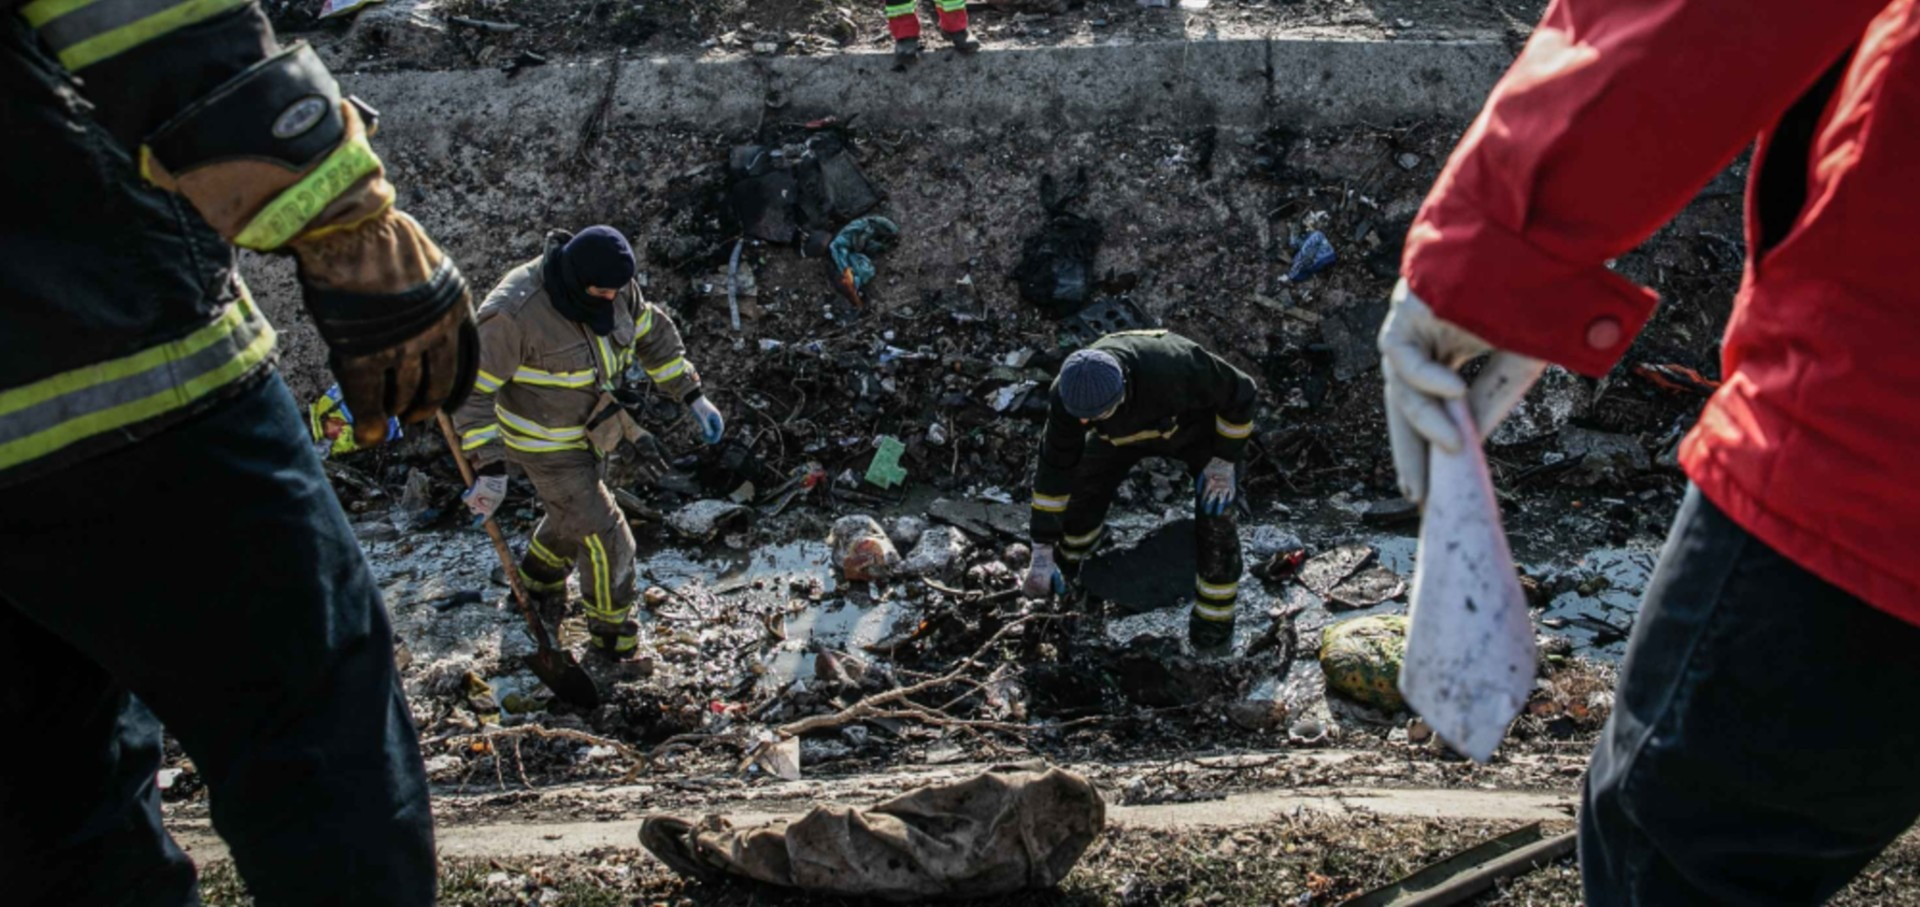 EE.UU. más convencido de que Irán derribó avión ucraniano por accidente